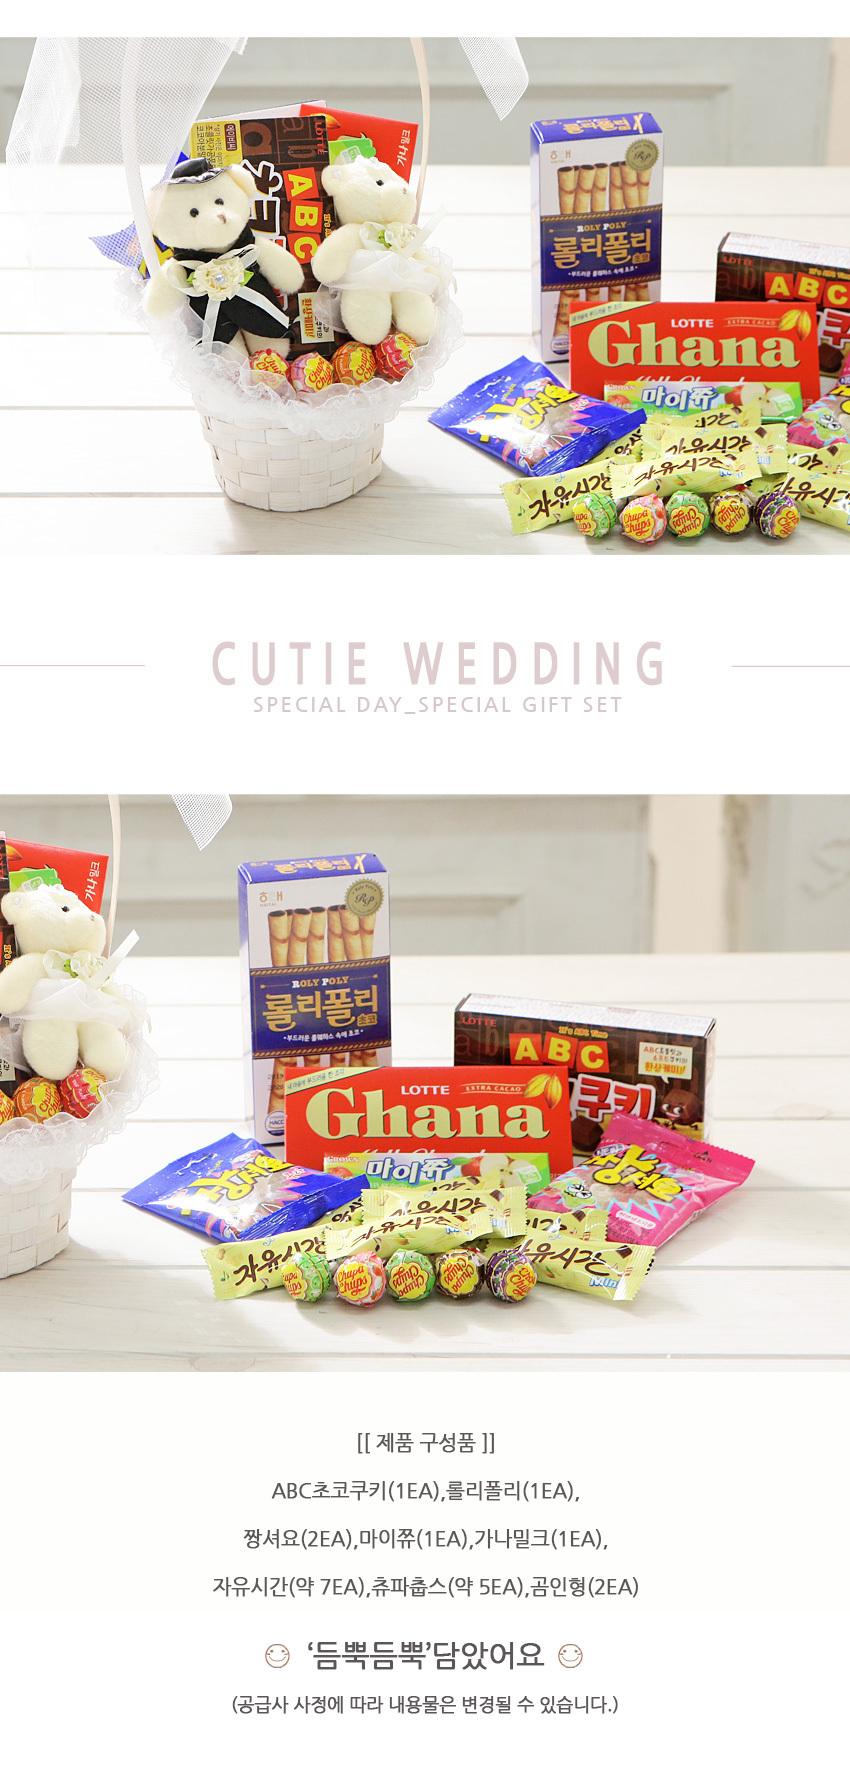 큐티웨딩바구니 화이트데이 발렌타인데이 사탕 초콜릿 - 알사탕닷컴, 26,600원, 초콜릿/사탕, 사탕